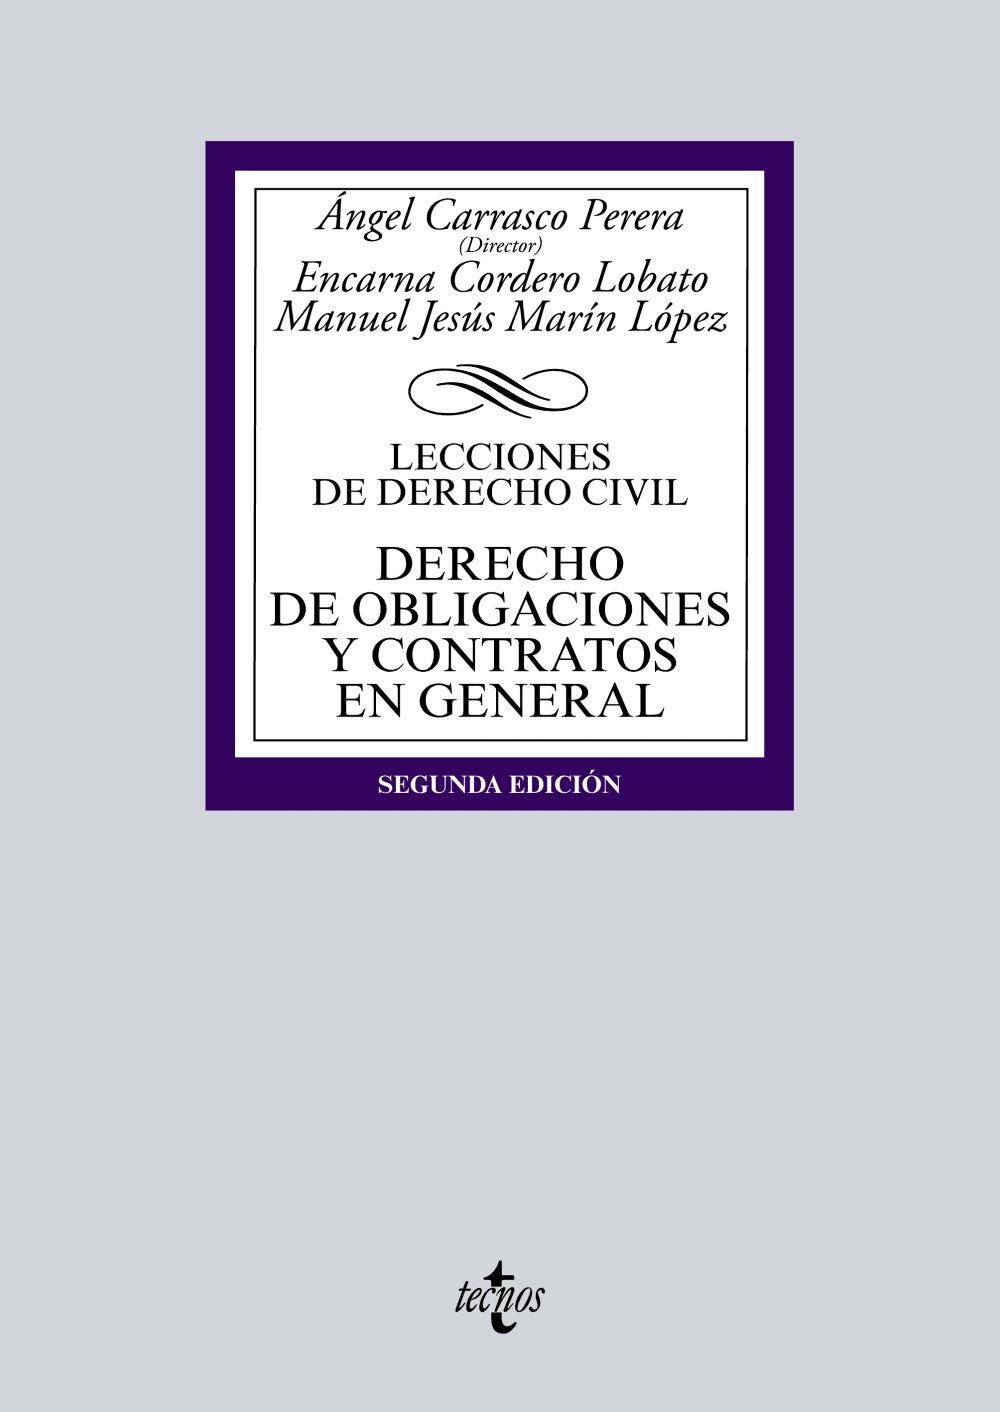 Derecho de obligaciones y contratos ebook